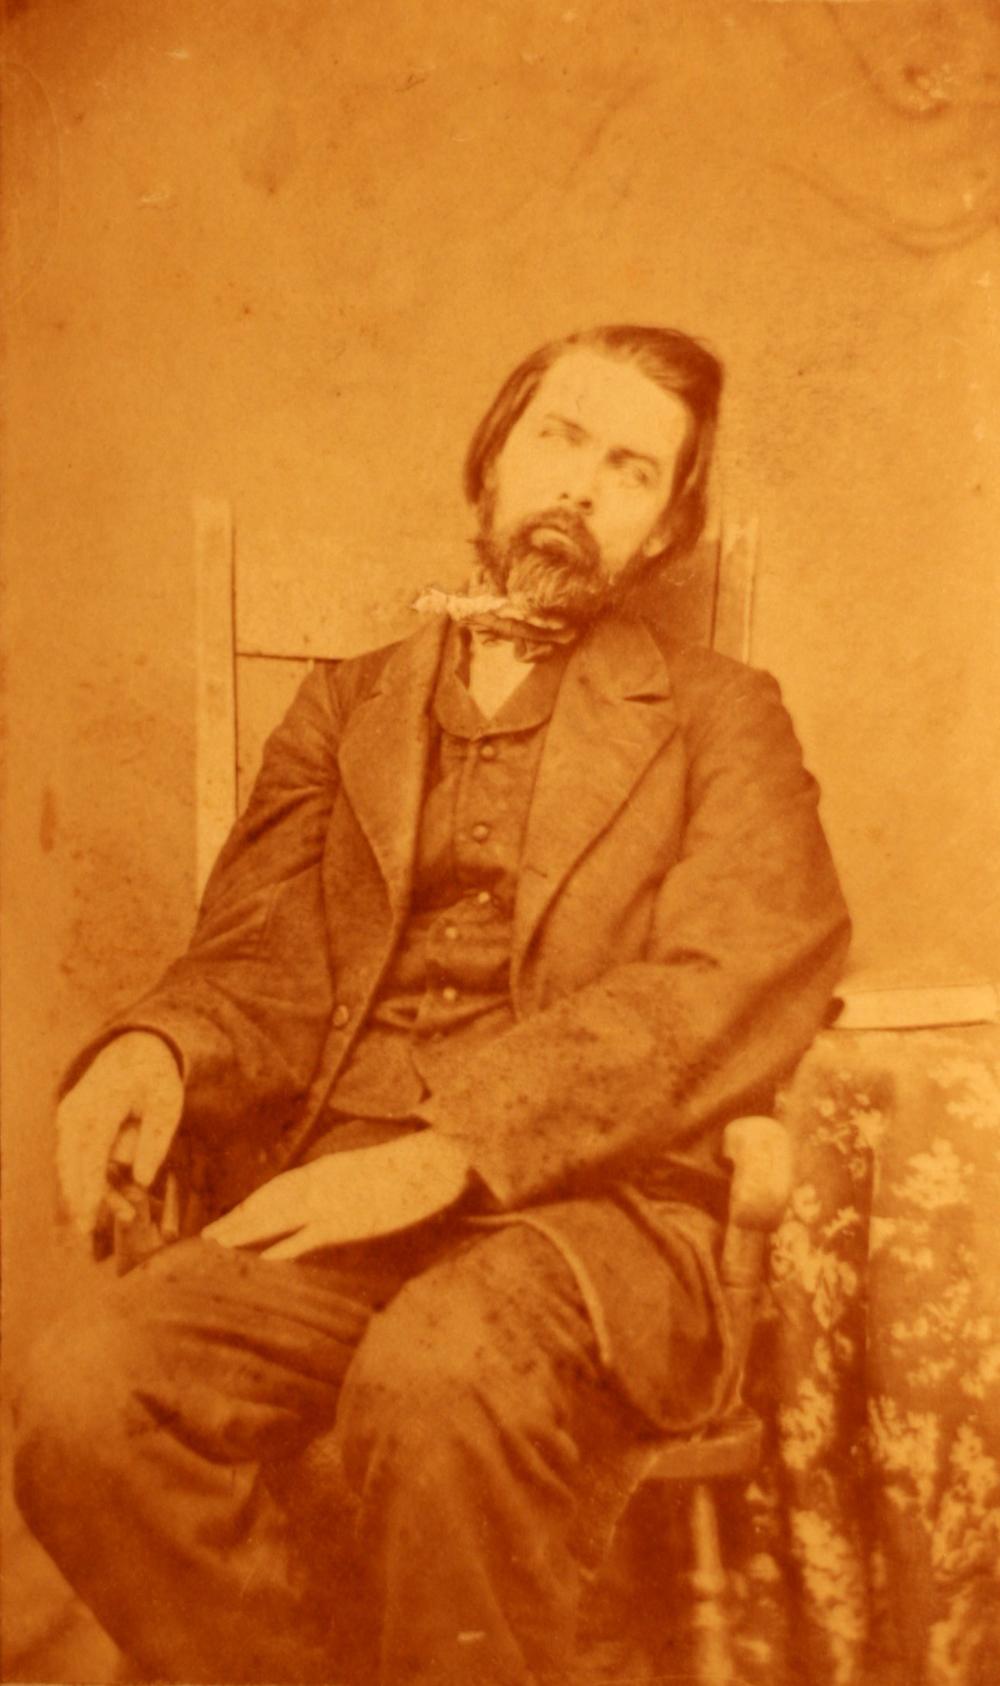 ca. 1860. Courtesy of Wikimedia Commons.